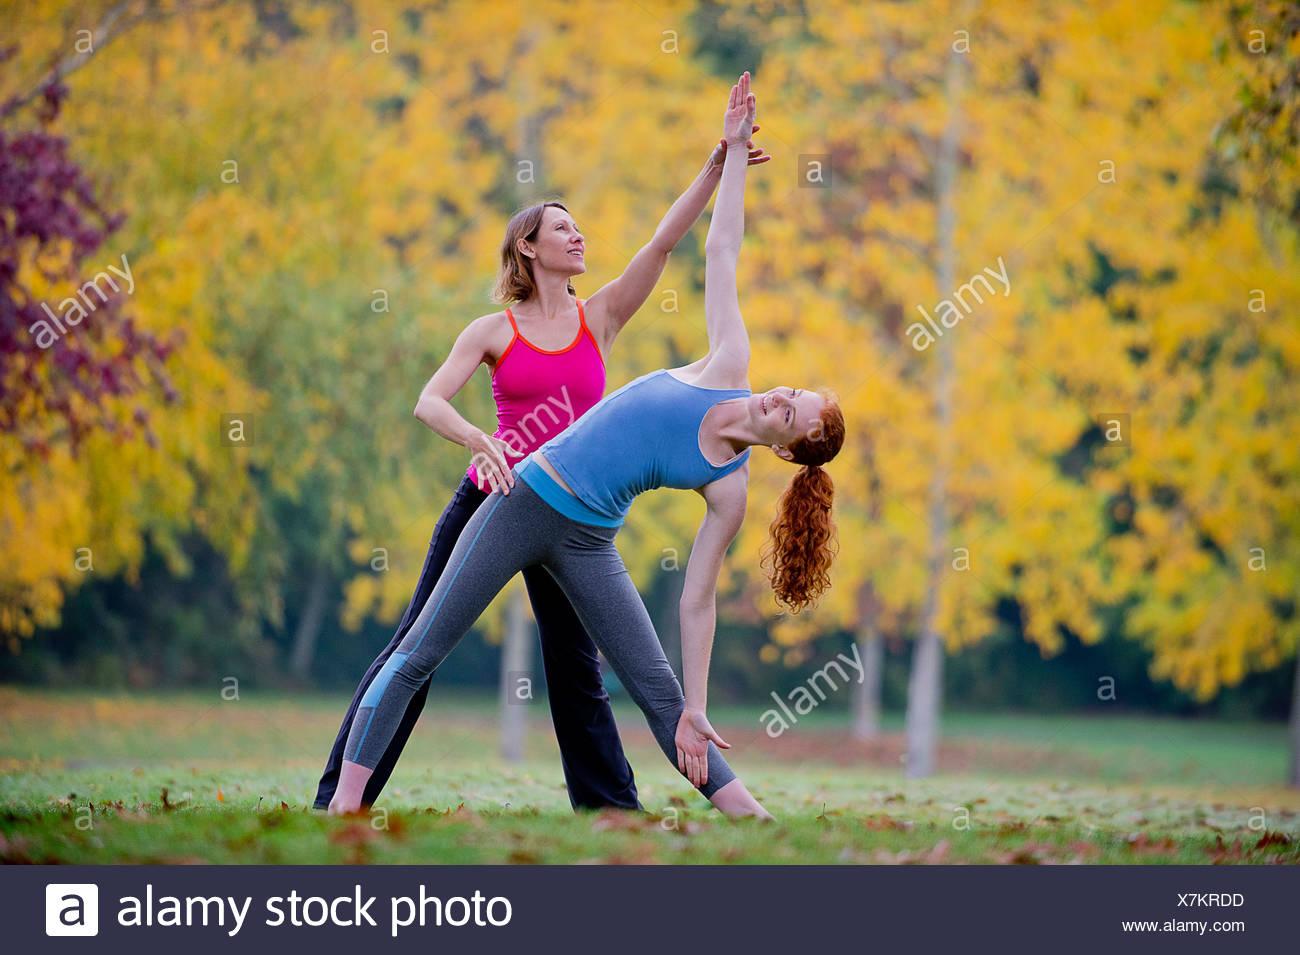 Istruttore Yoga insegnamento giovane donna in foresta Immagini Stock